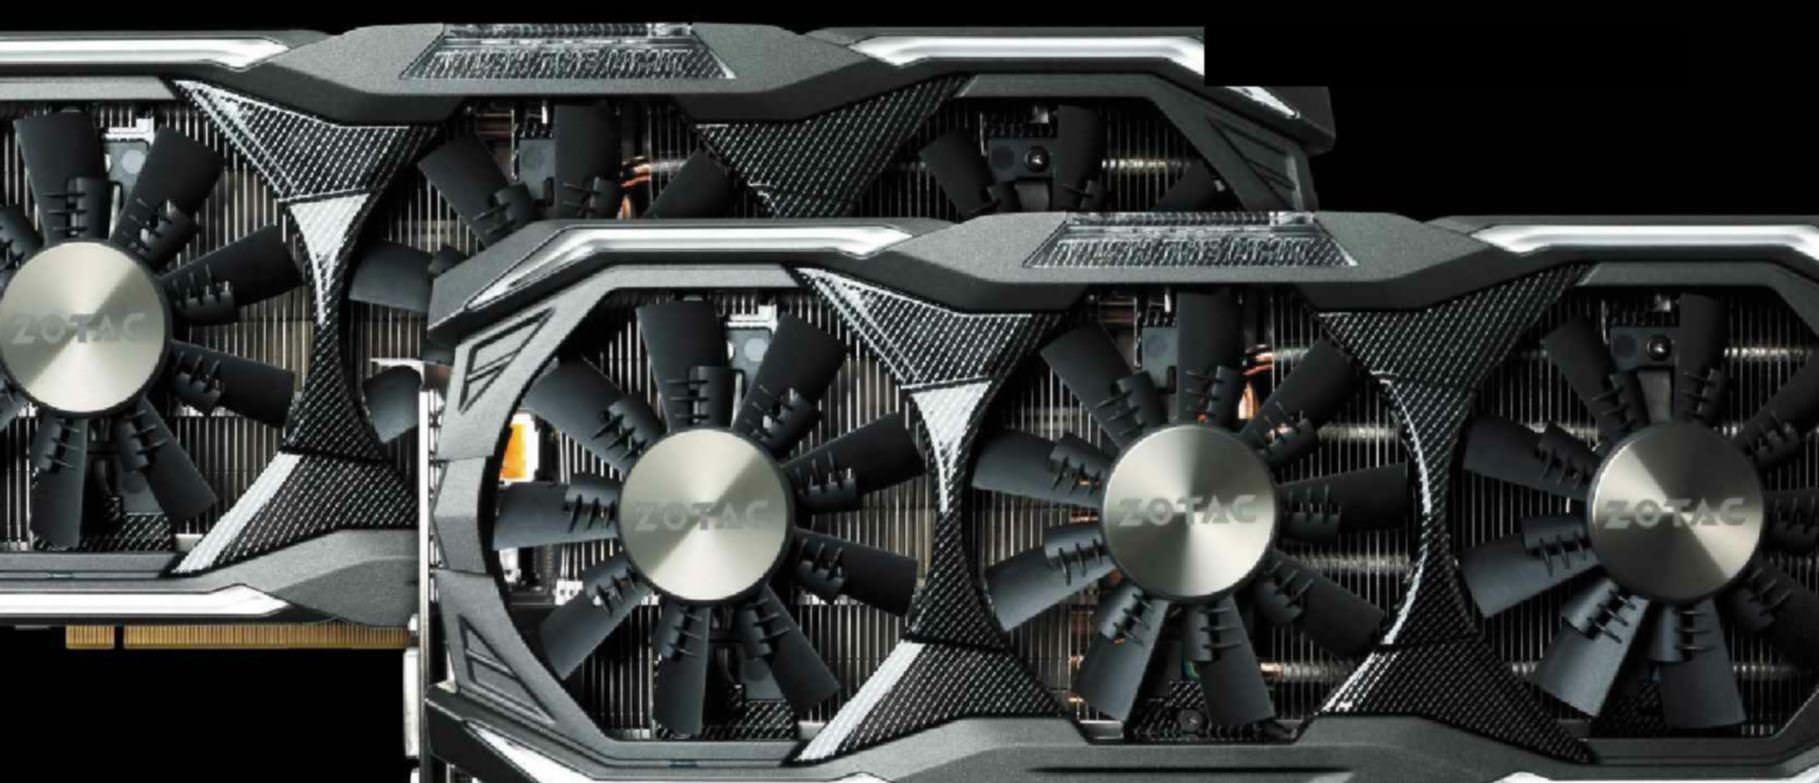 The 4K Multi-GPU Challenge